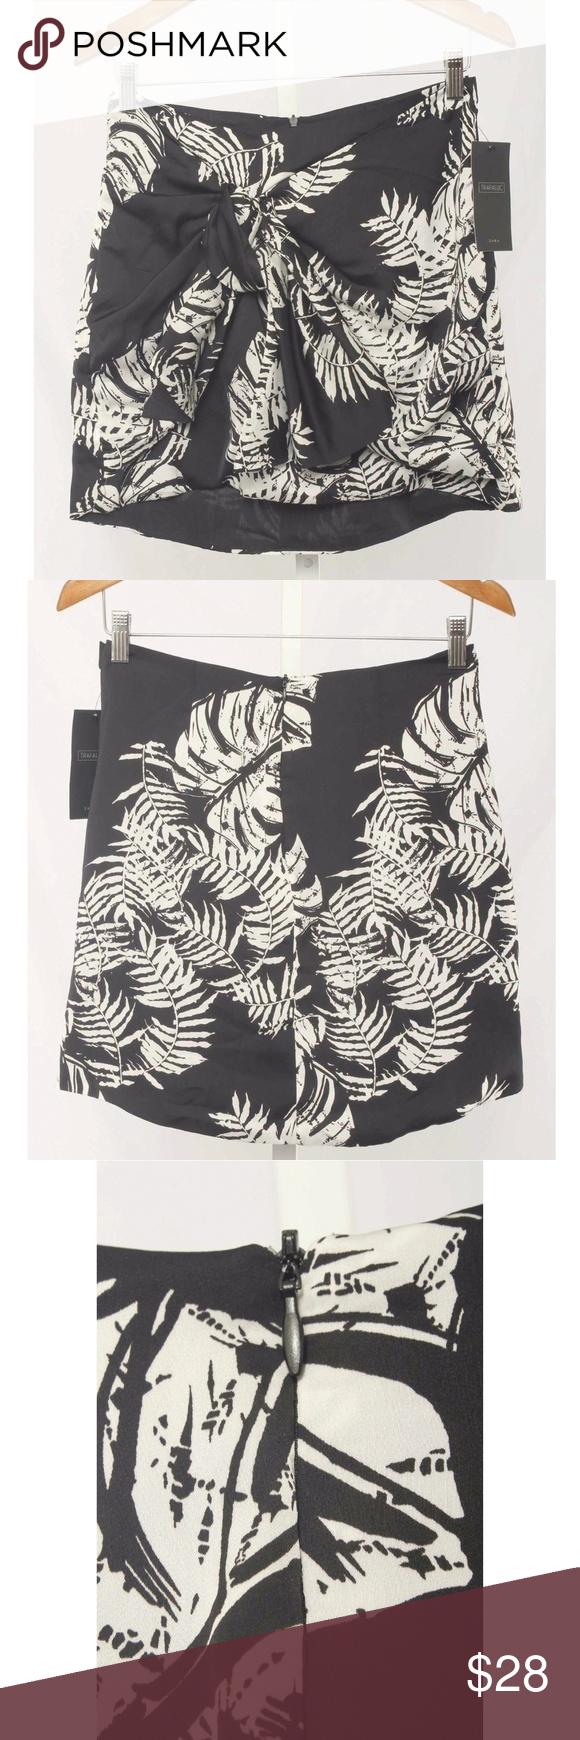 344d96f4 Zara Trafaluc Black Leaf Print Tie Front Skirt NWT Trafaluc by Zara Size M  Black Palm